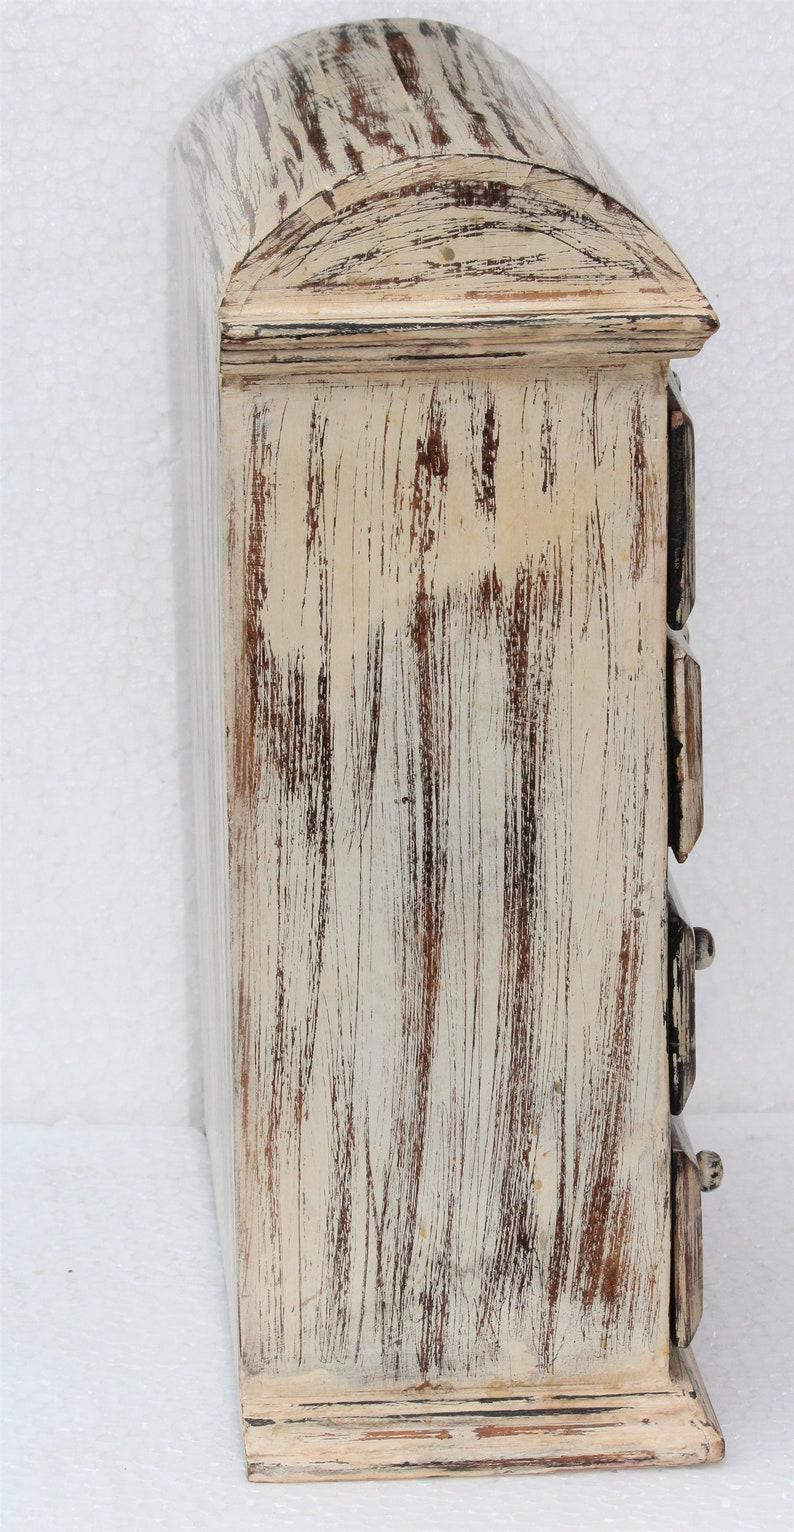 Antico bianco finitura petto di cassetti IOELK223